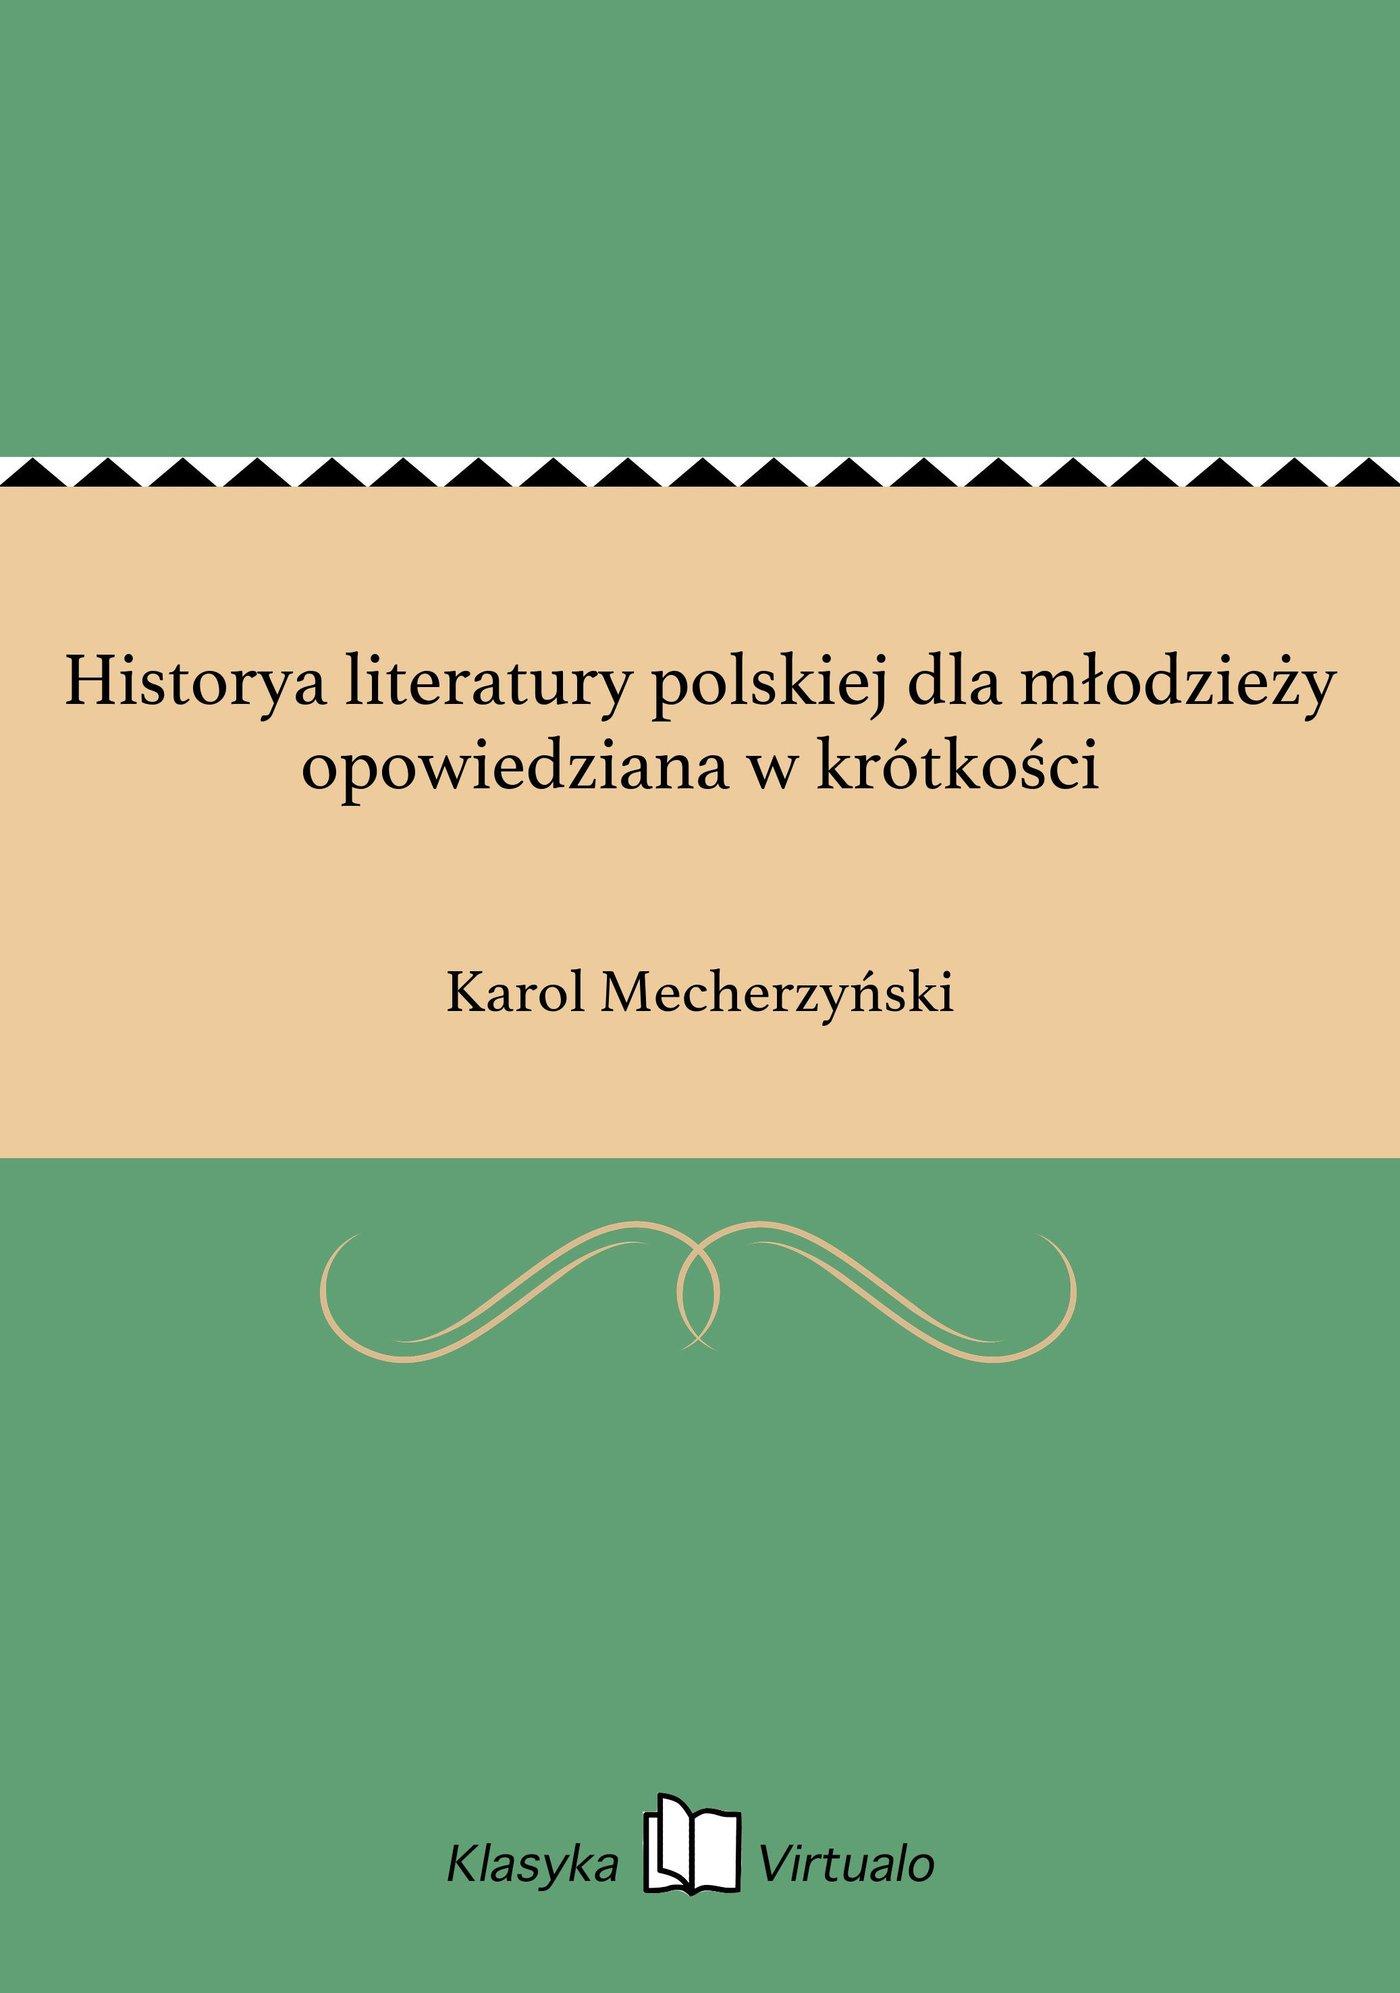 Historya literatury polskiej dla młodzieży opowiedziana w krótkości - Ebook (Książka EPUB) do pobrania w formacie EPUB